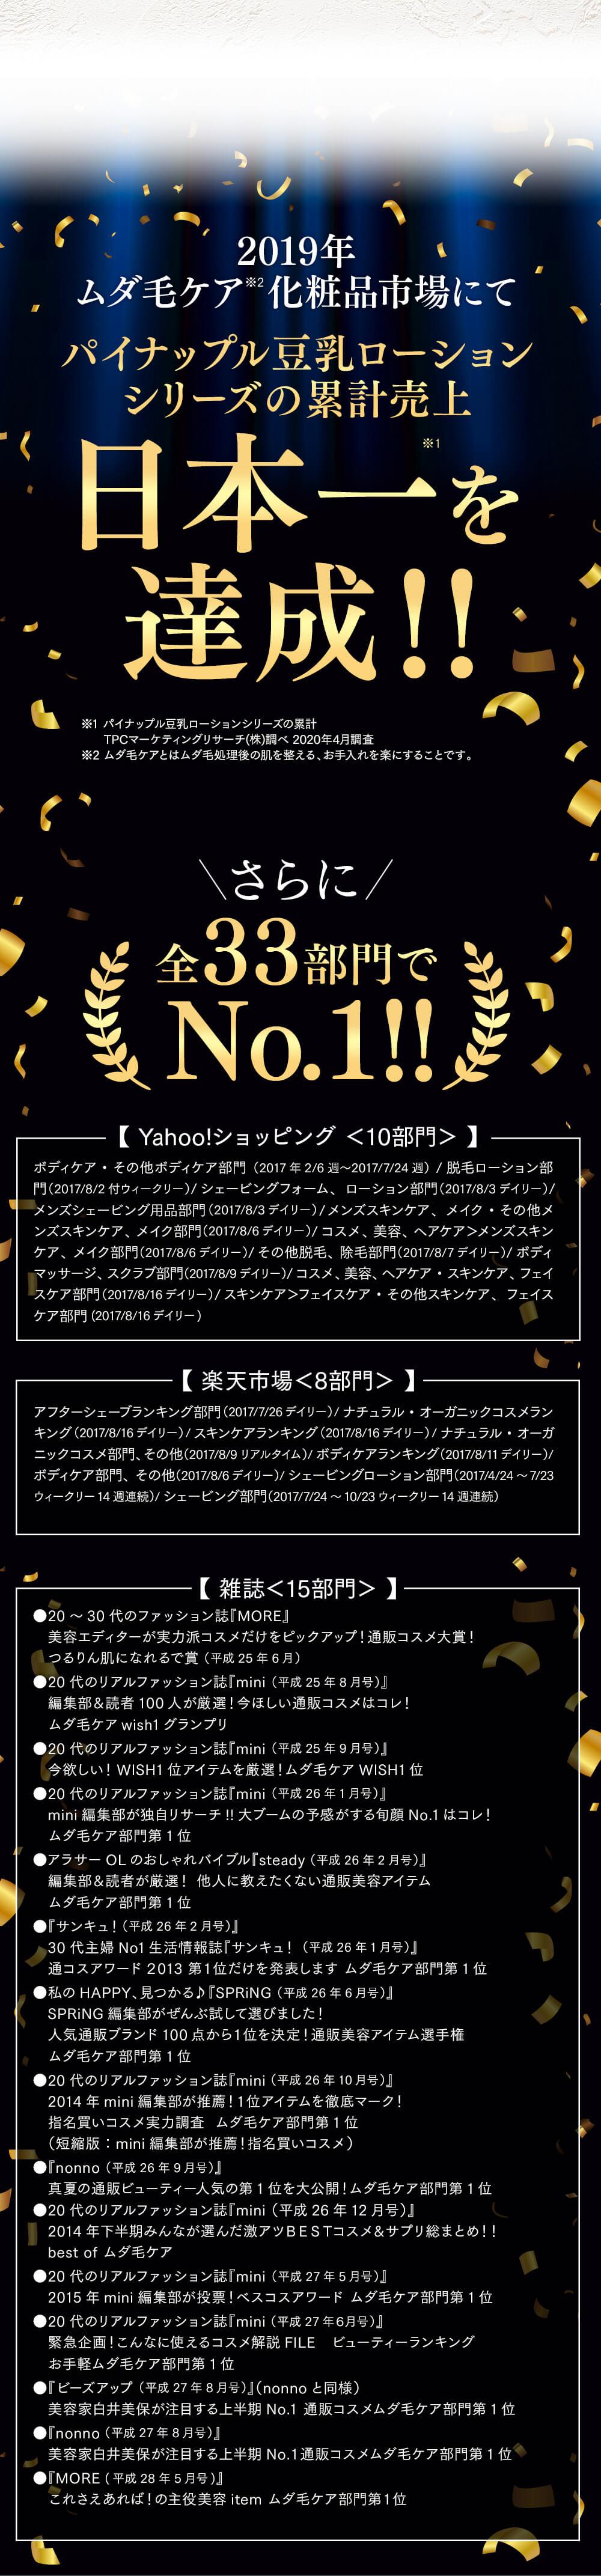 2019年 日本一を達成!! さらに全33部門でNo.1!!